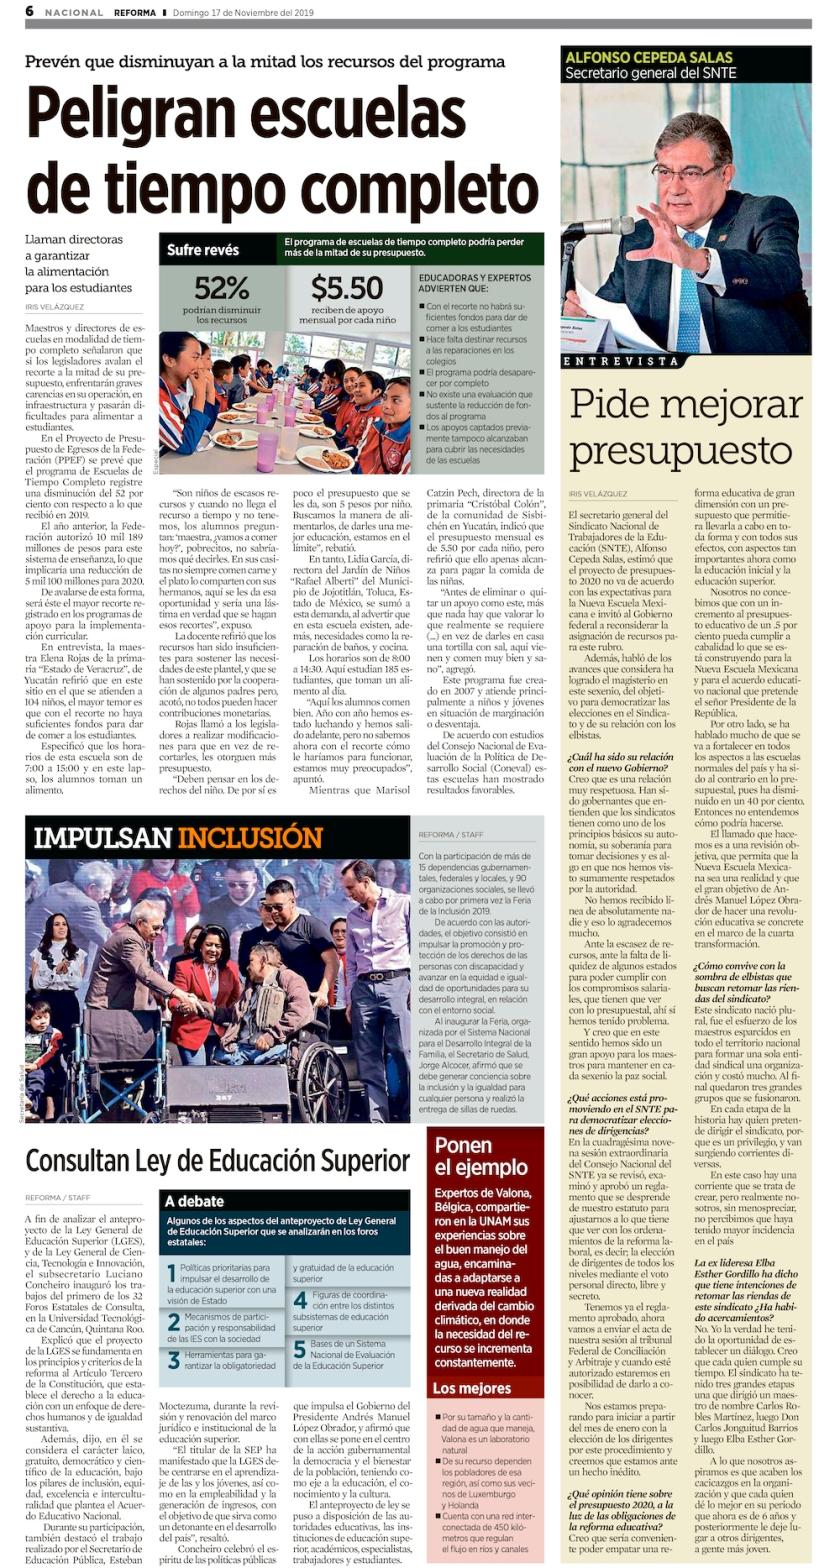 Entrevista del Maestro Alfonso Cepeda publicada hoy en el periodico Reforma